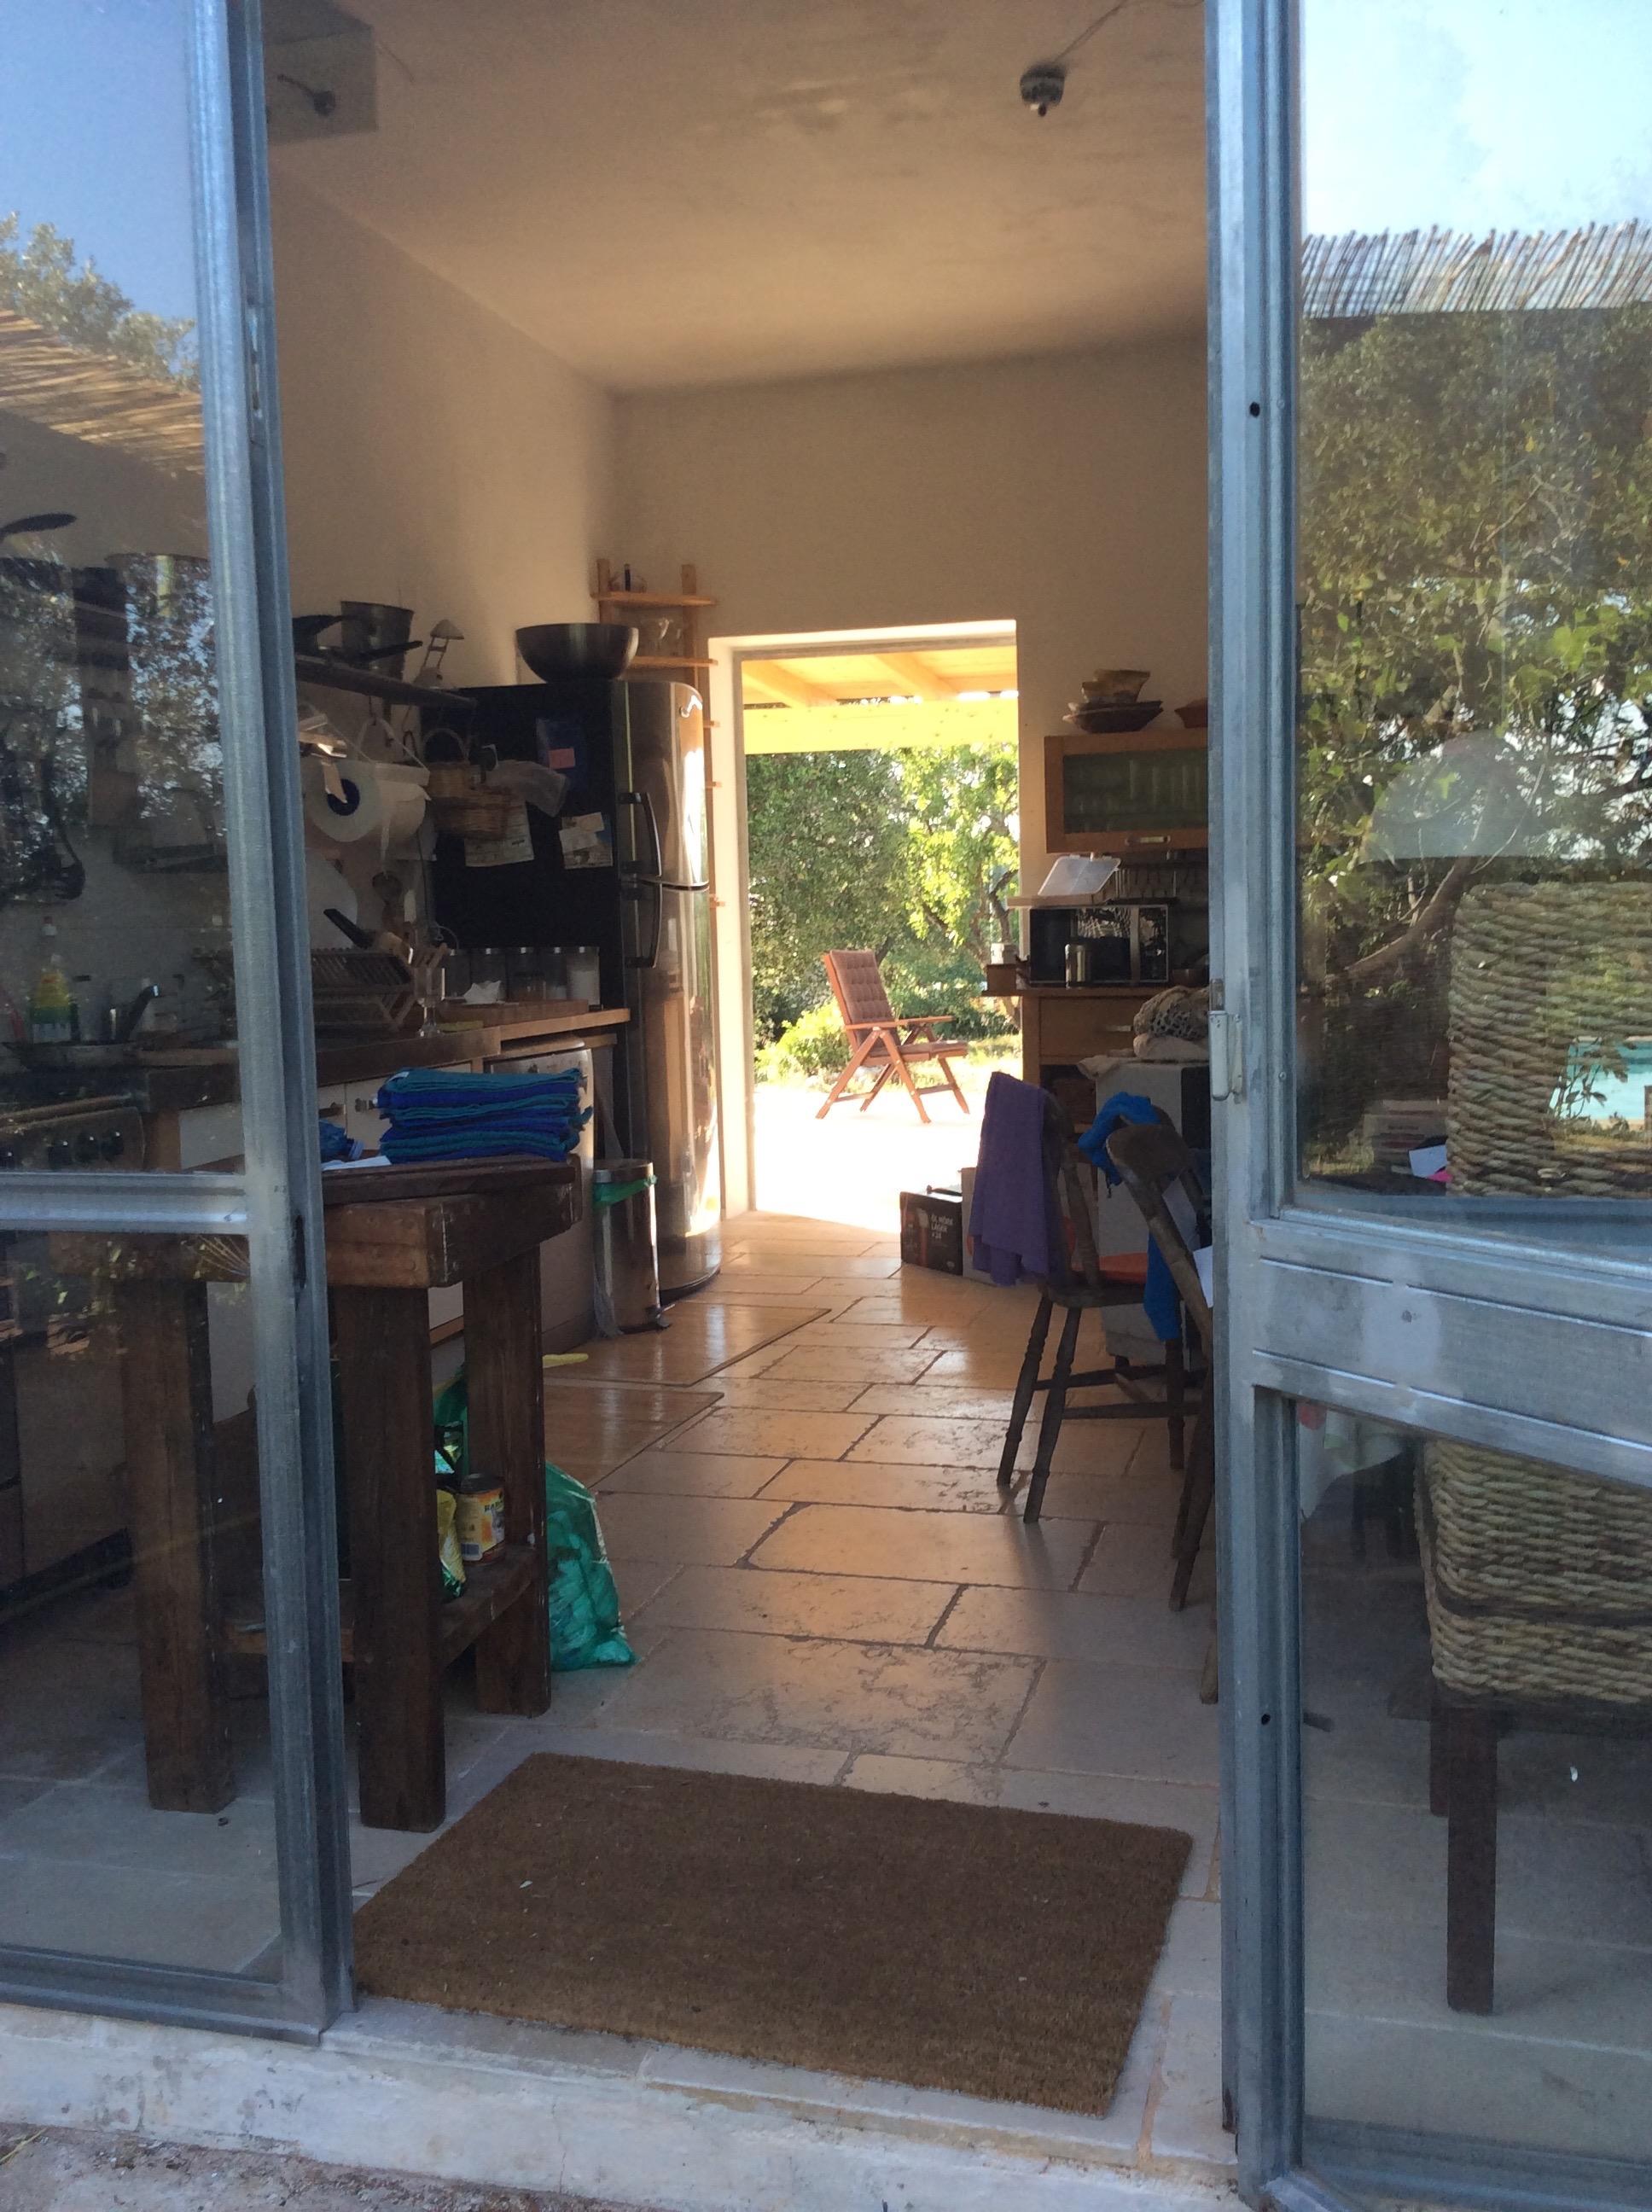 Seamless indoor - outdoor